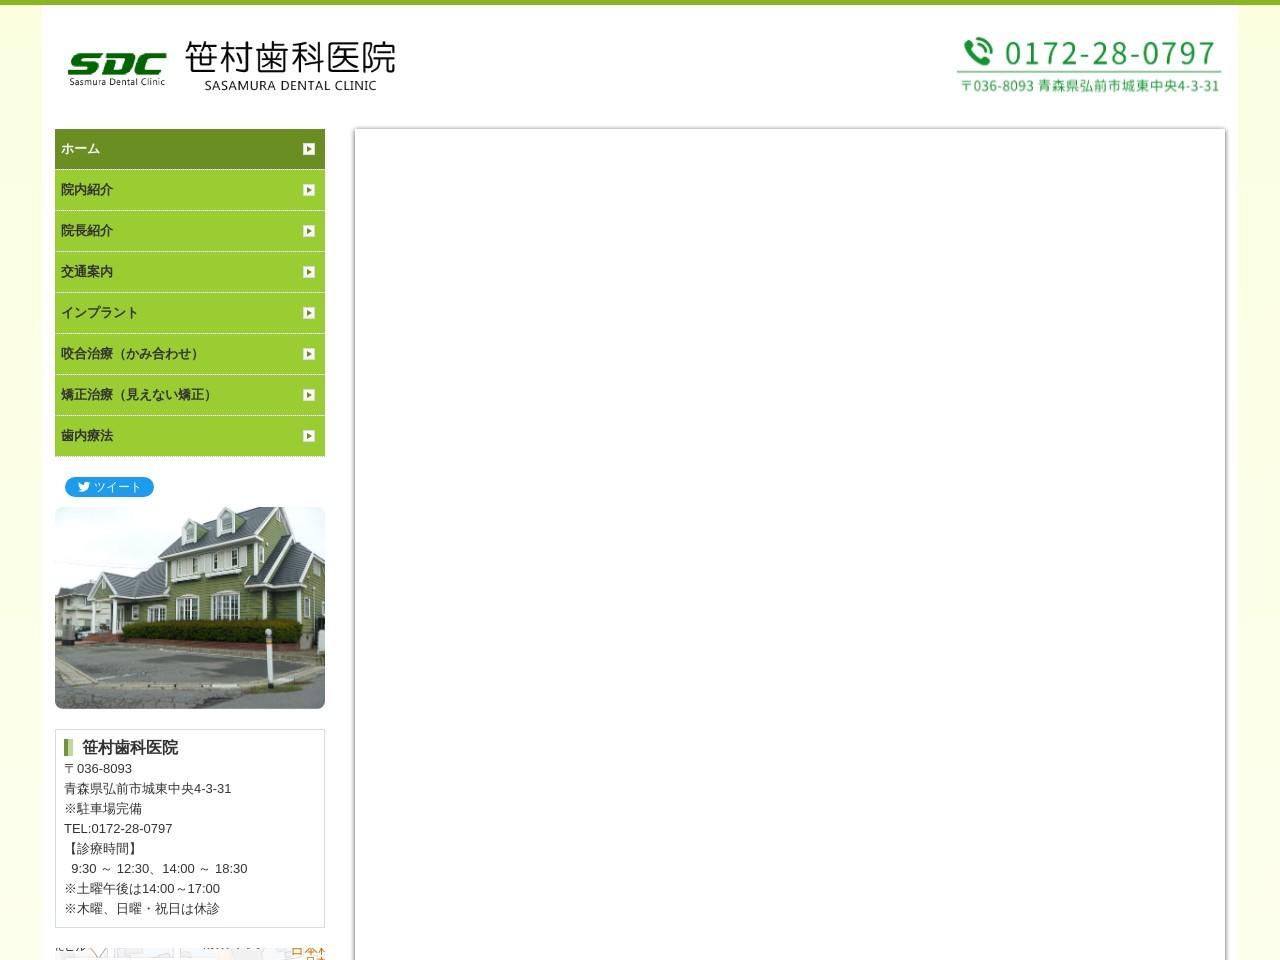 笹村歯科医院 (青森県弘前市)